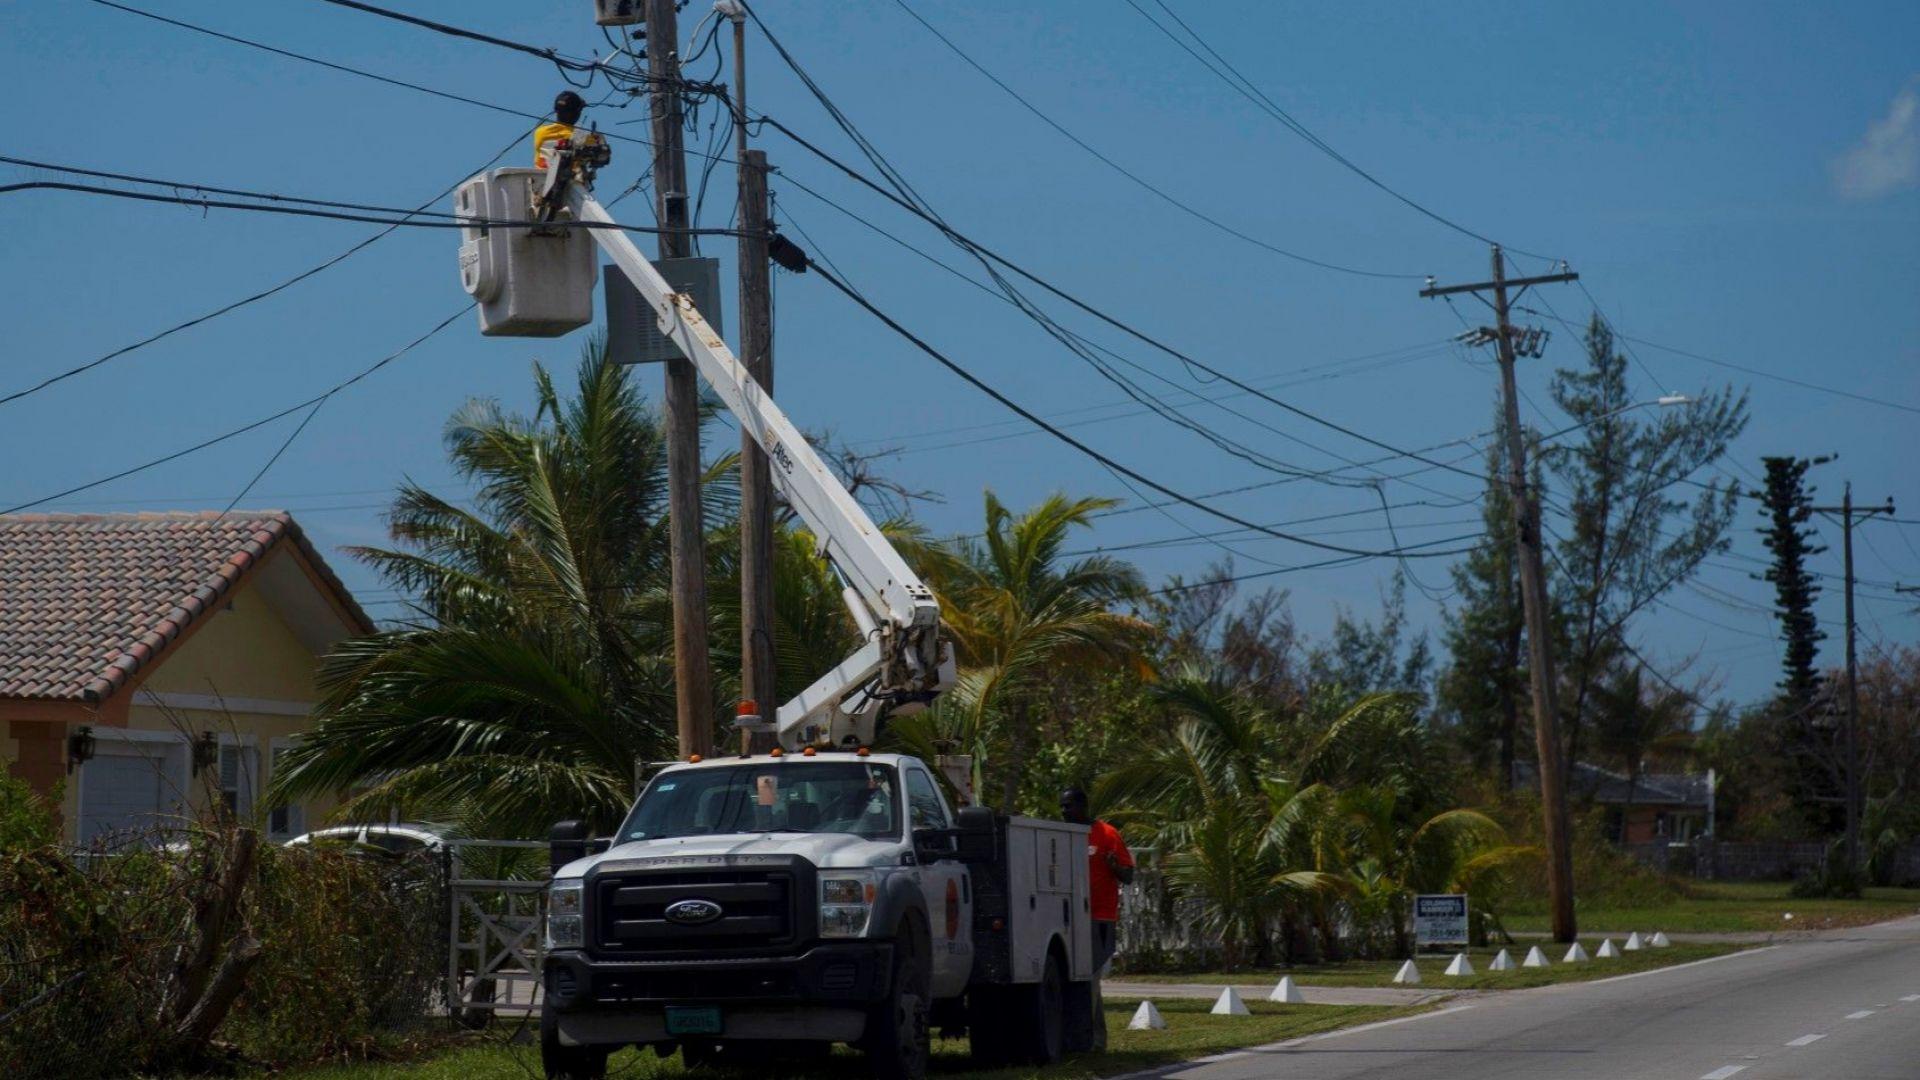 Възстановяват кабелната телевизия  след преминаването на урагана Дориан на Бахамските острови.